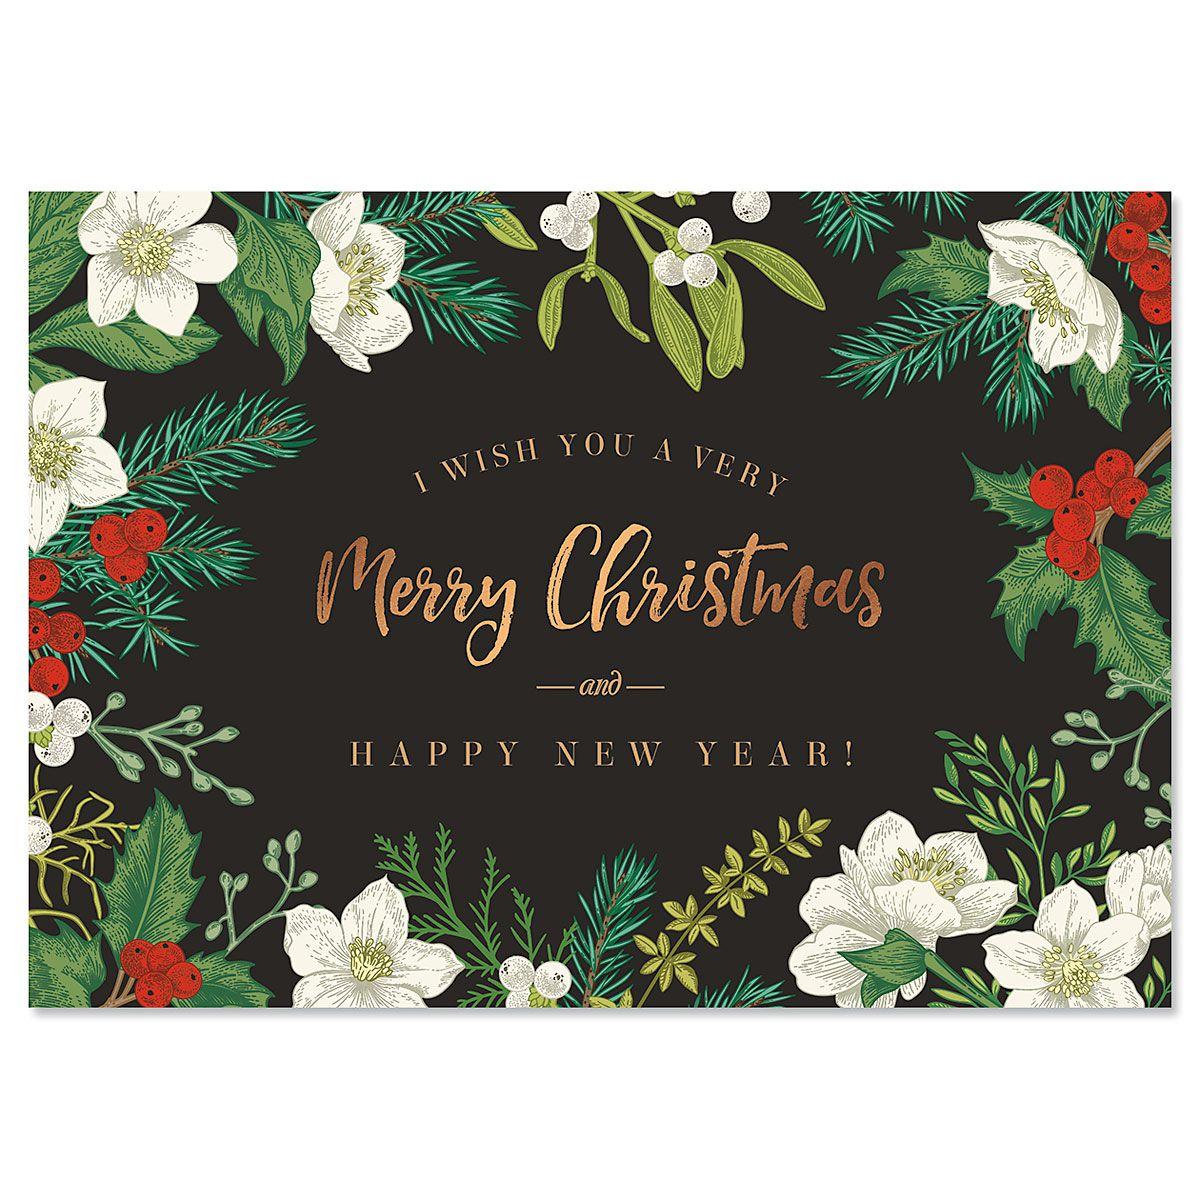 Nature's Arrangement Christmas Cards